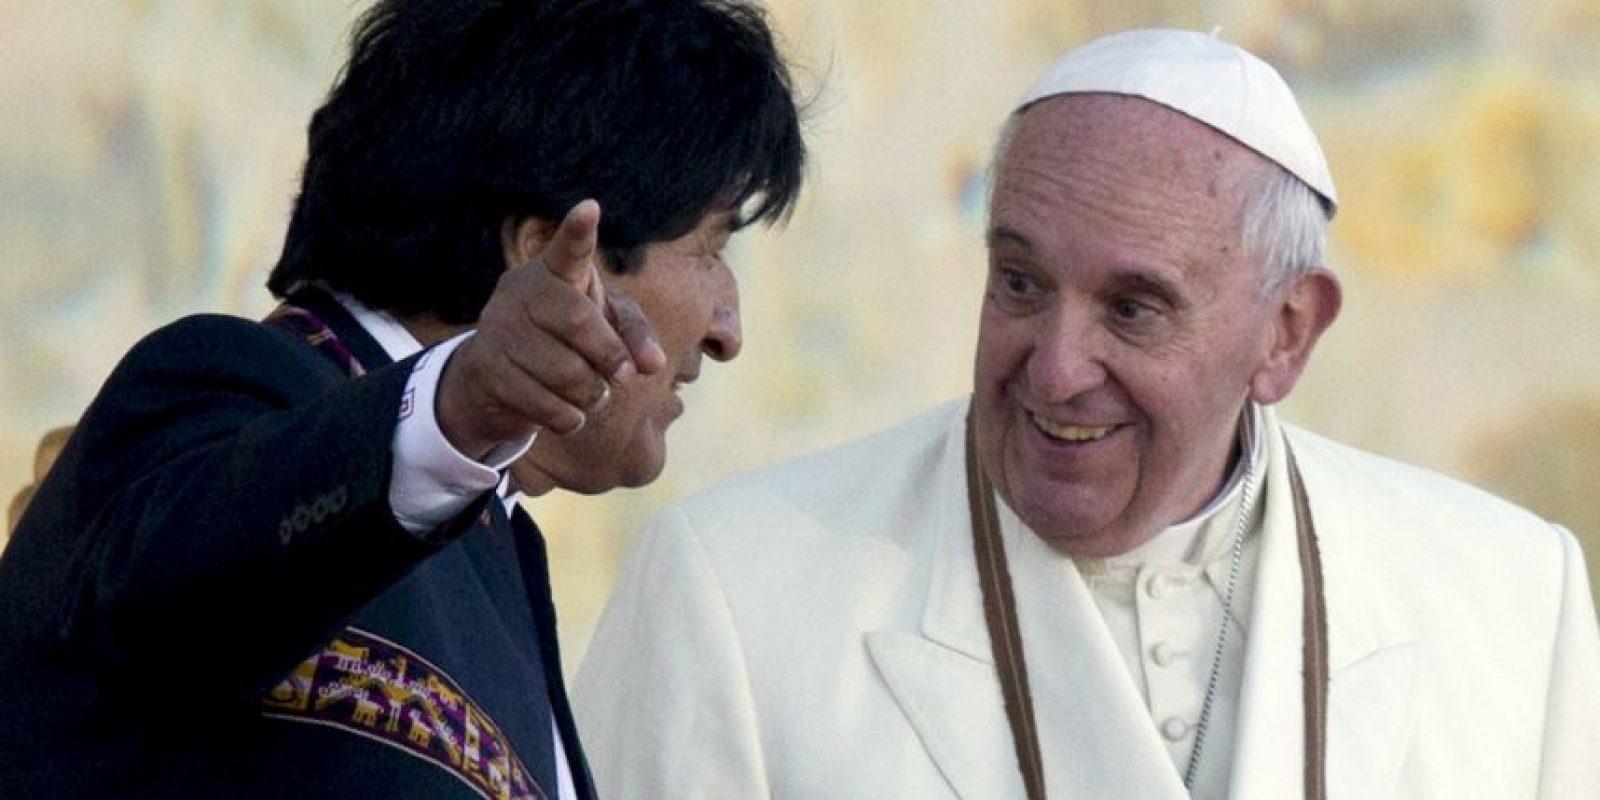 6. Su mandatario es Evo Morales Ayma, presidente electo del Estado Plurinacional de Bolivia. Foto:AP